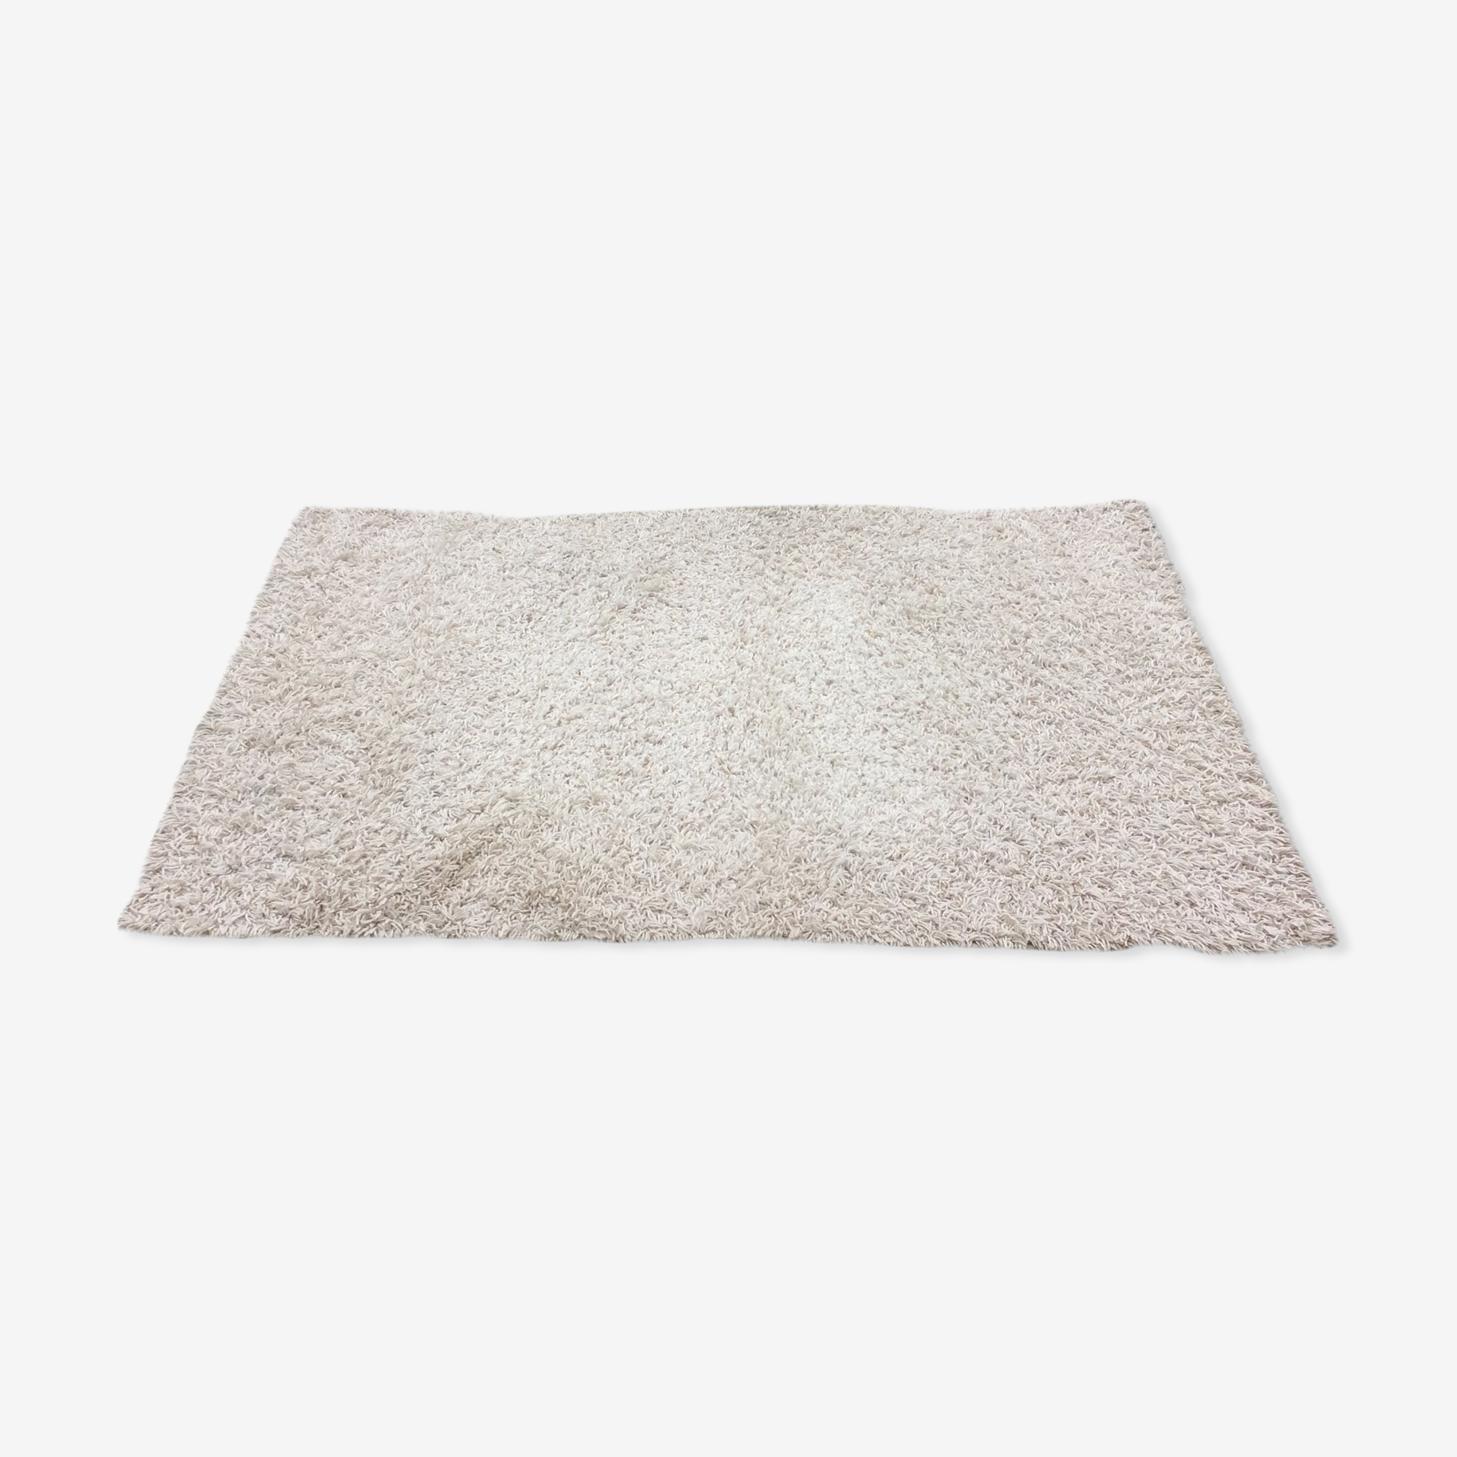 Tapis en laine vintage 120x70cm